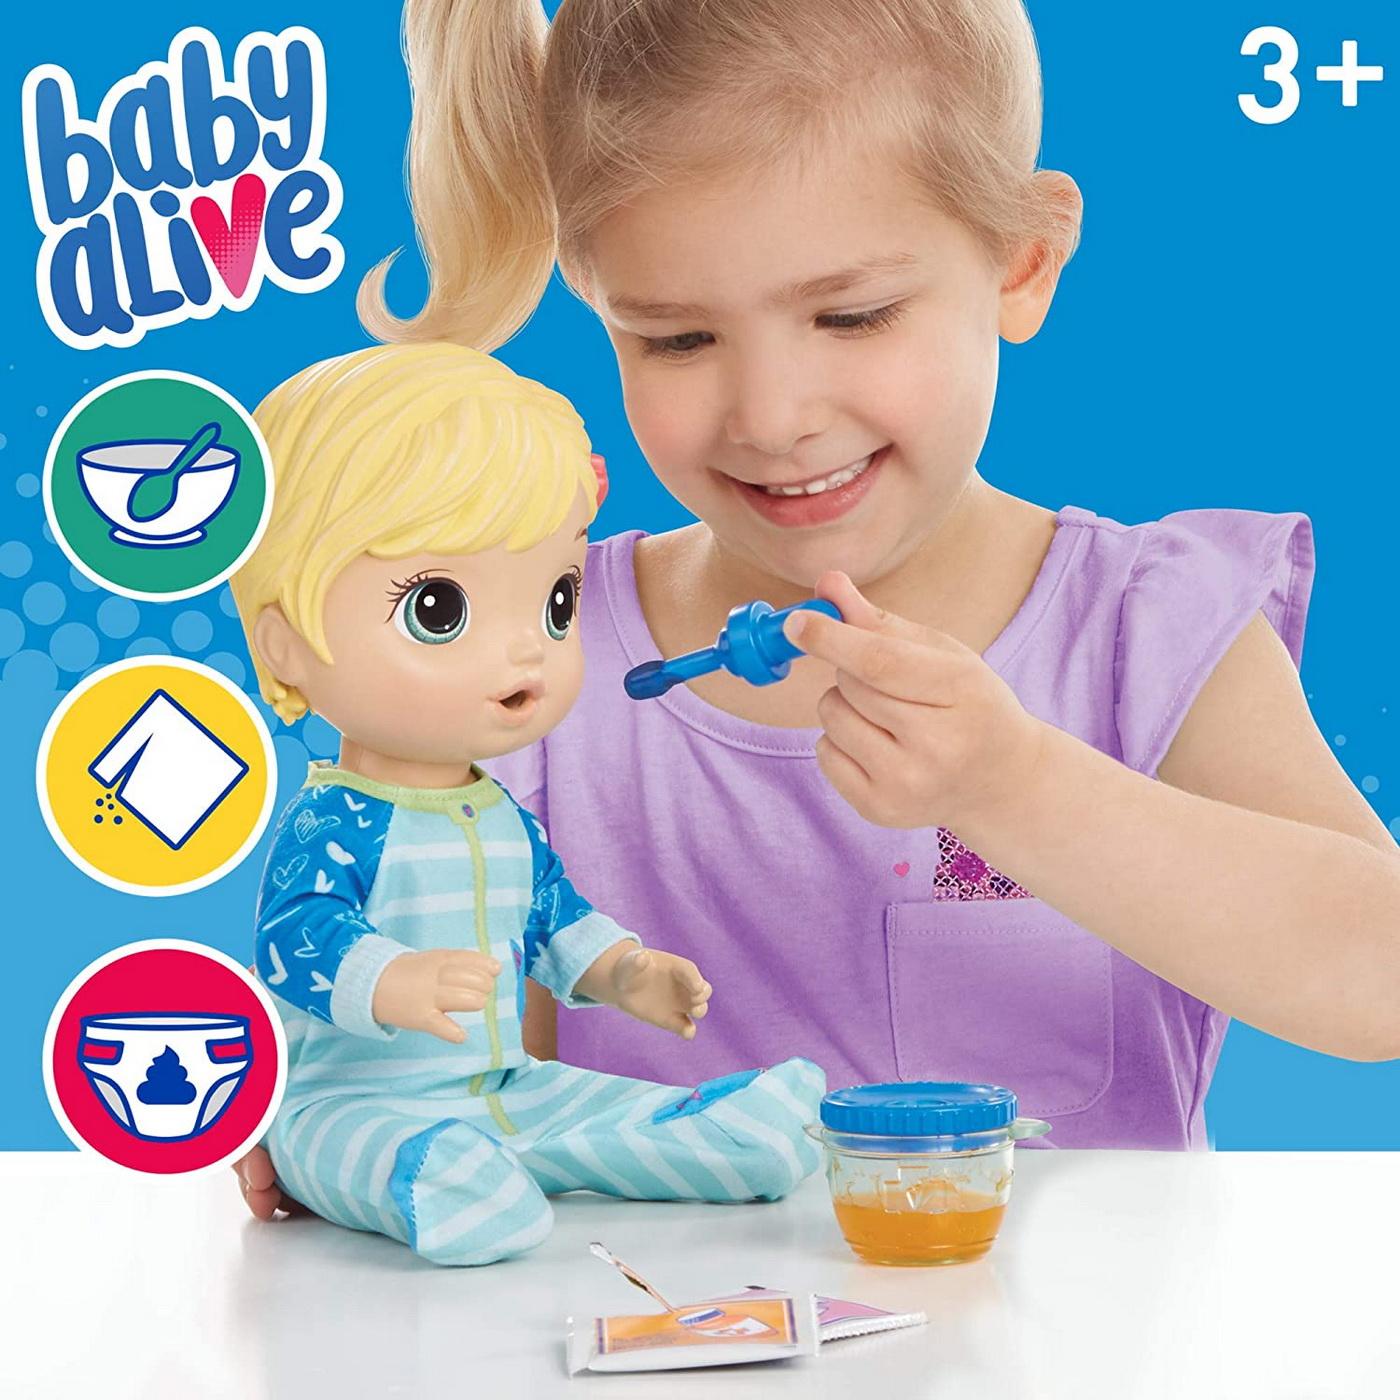 Papusa Baby Alive cu medicamente de preparat